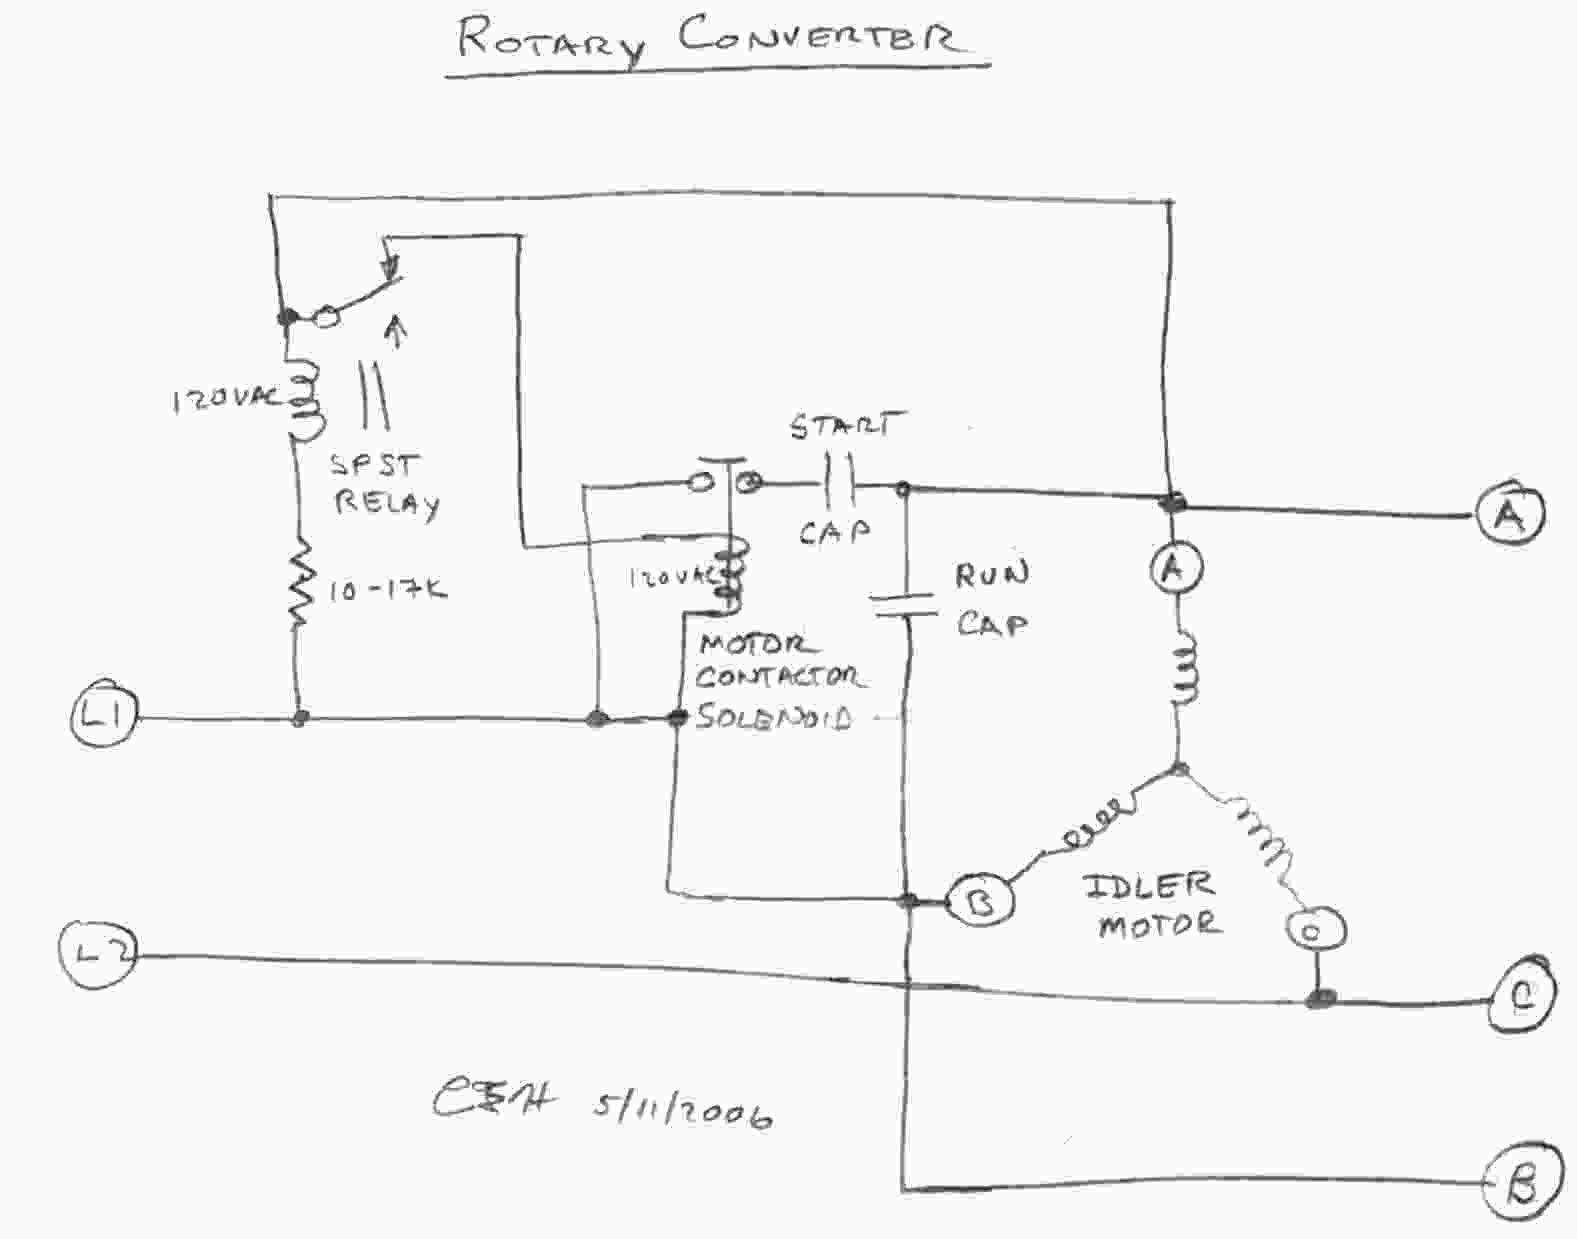 Dayton Electric Motors Wiring Diagram Download in 2020 | Diagram, Electrical  circuit diagram, Diagram chartPinterest